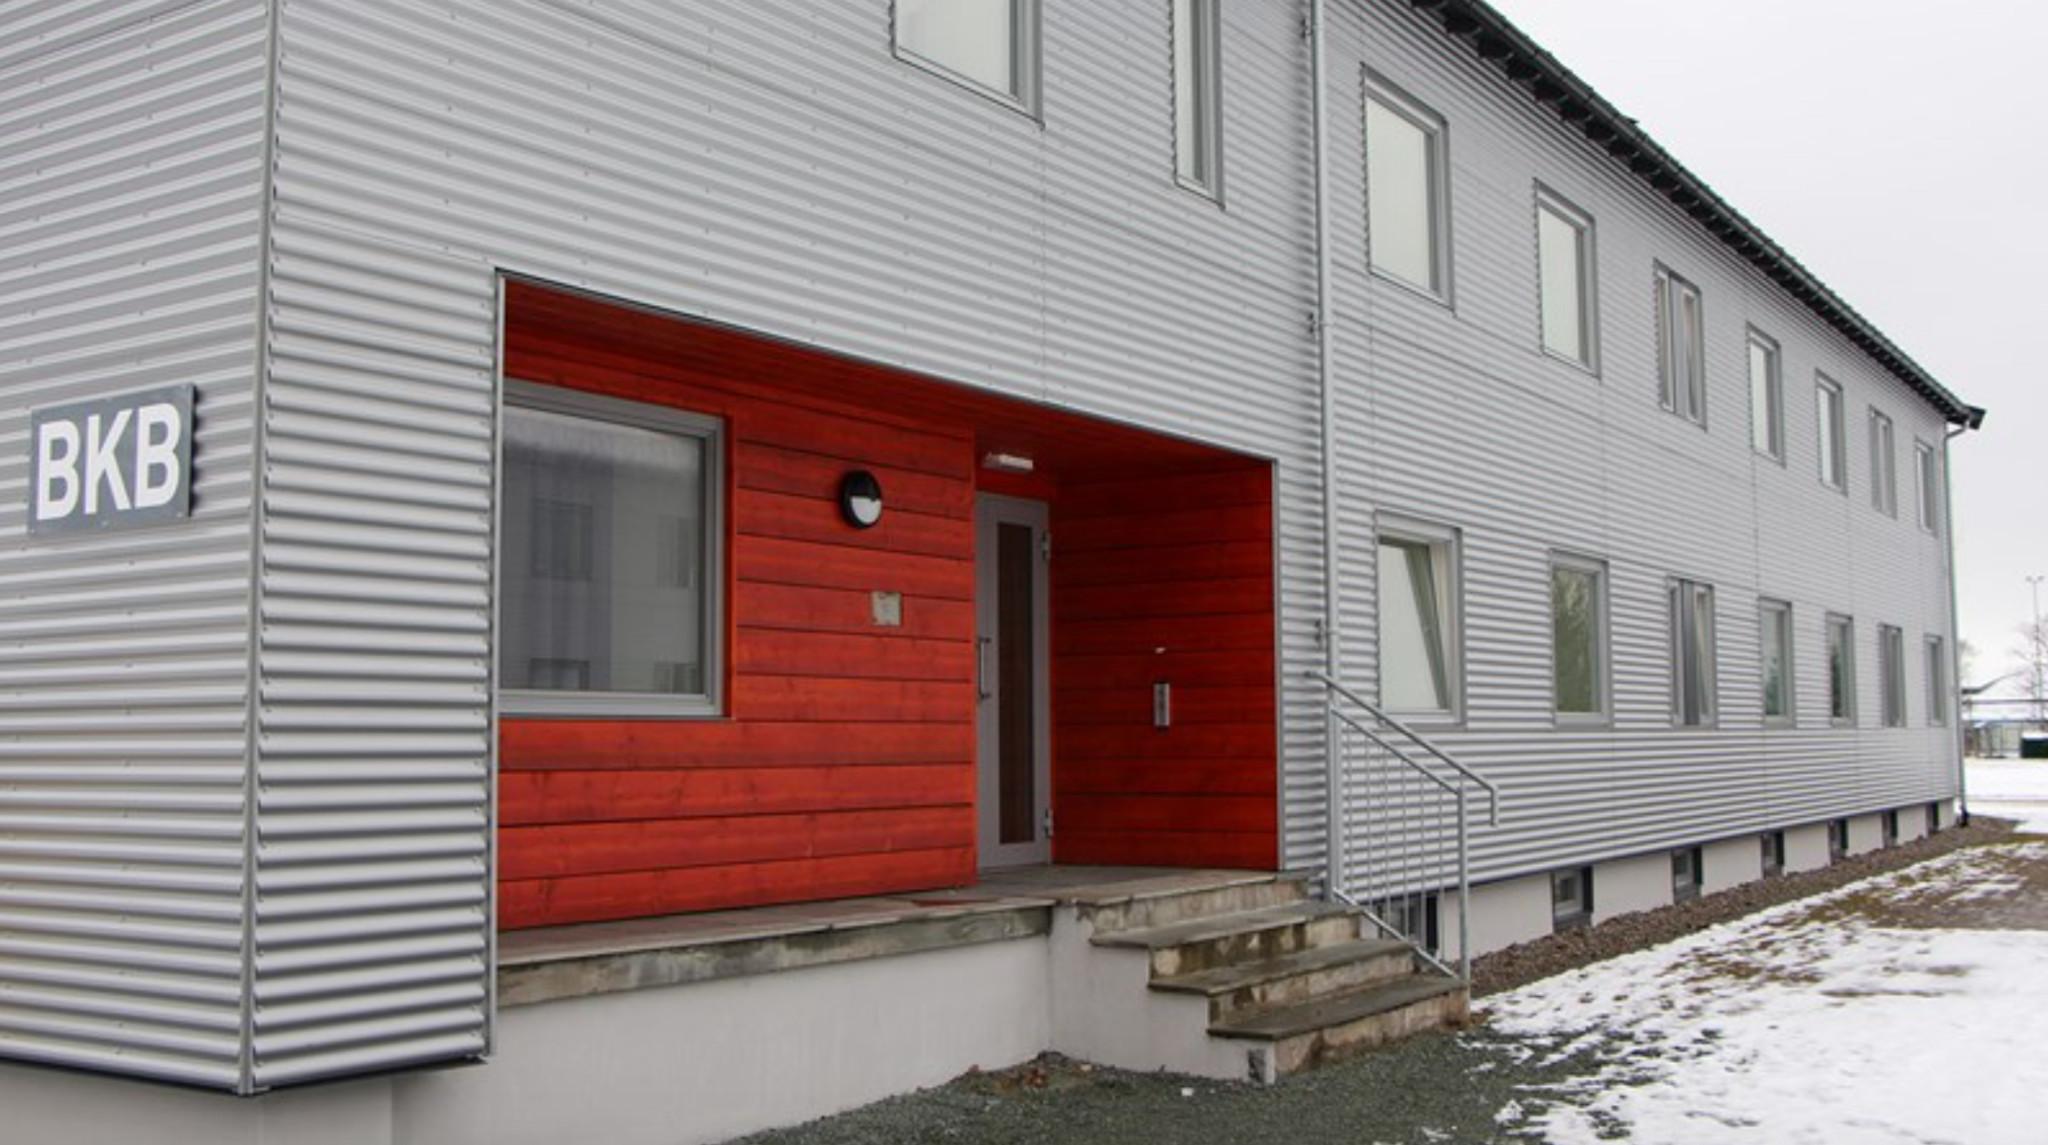 Øker kapasiteteten på Ørland